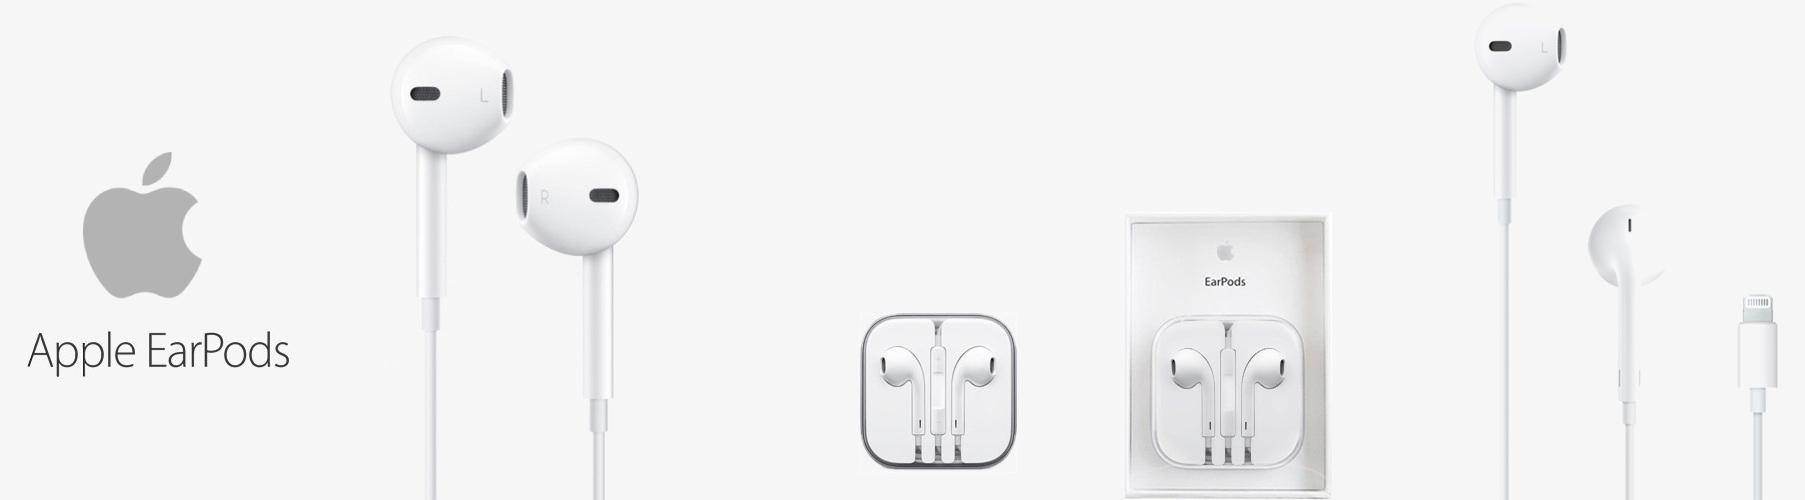 3bf704cc02e Apple Earpods with 3.5mm Headphone Plug | Buy Online | Ubuy Kuwait